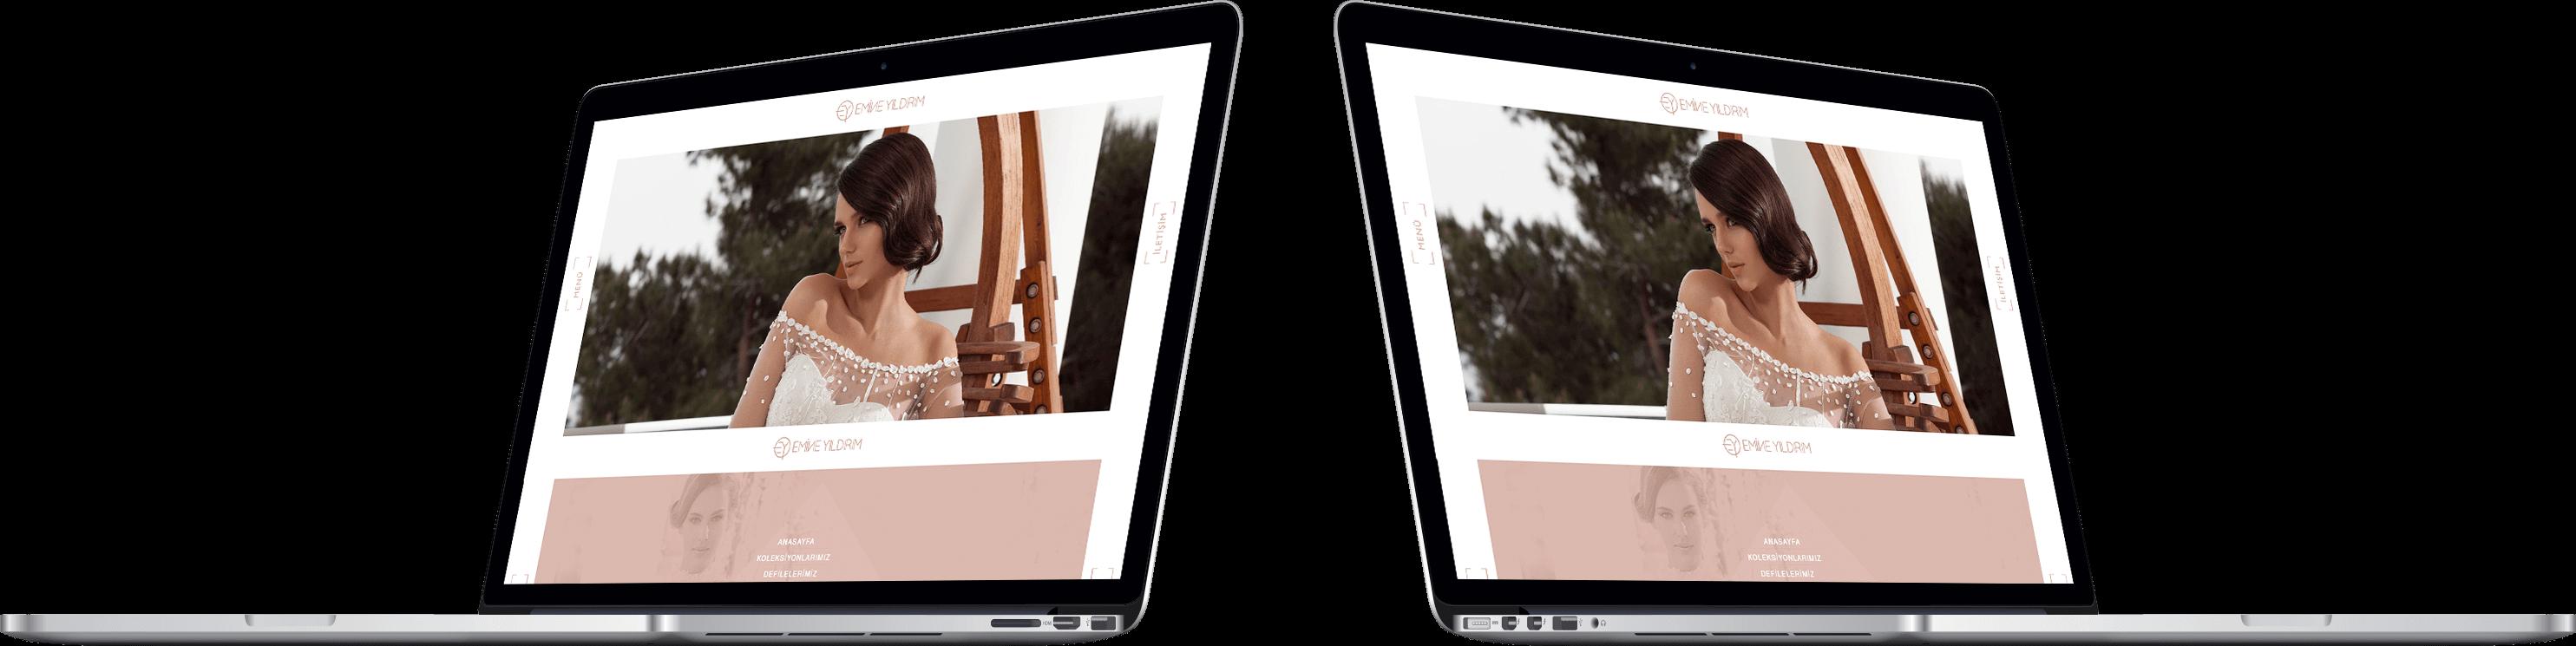 EMİNE YILDIRIM | Web Tasarım